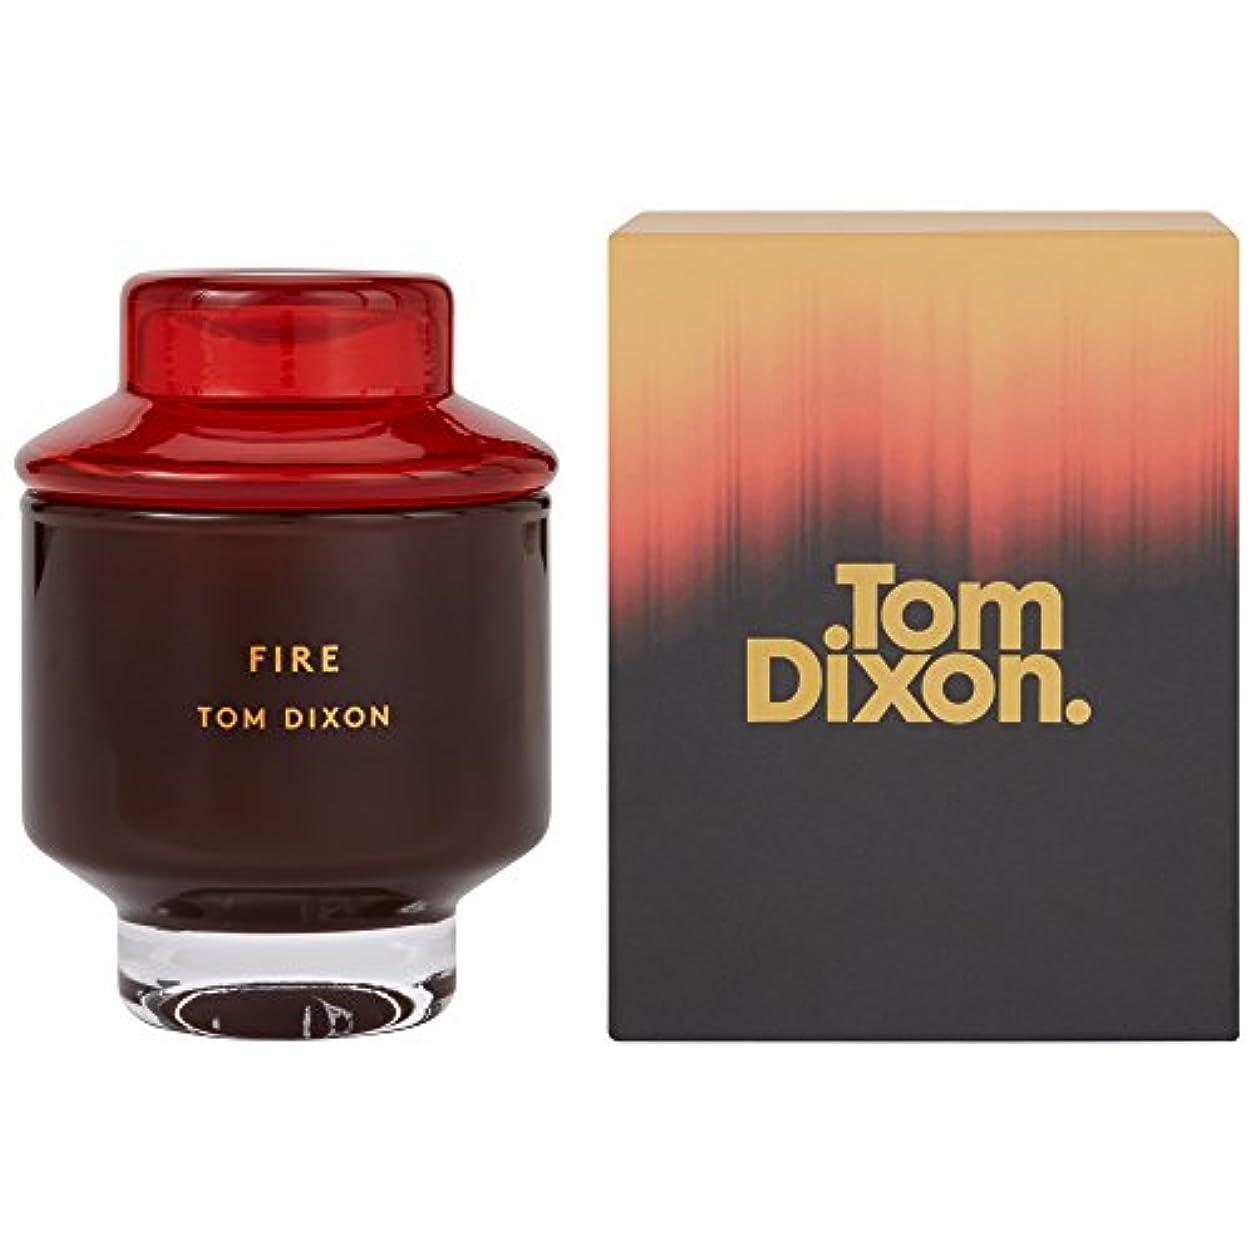 砲撃投獄最大限Tom Dixon Fire Scented Candle Medium - トム?ディクソン火災香りのキャンドル媒体 [並行輸入品]